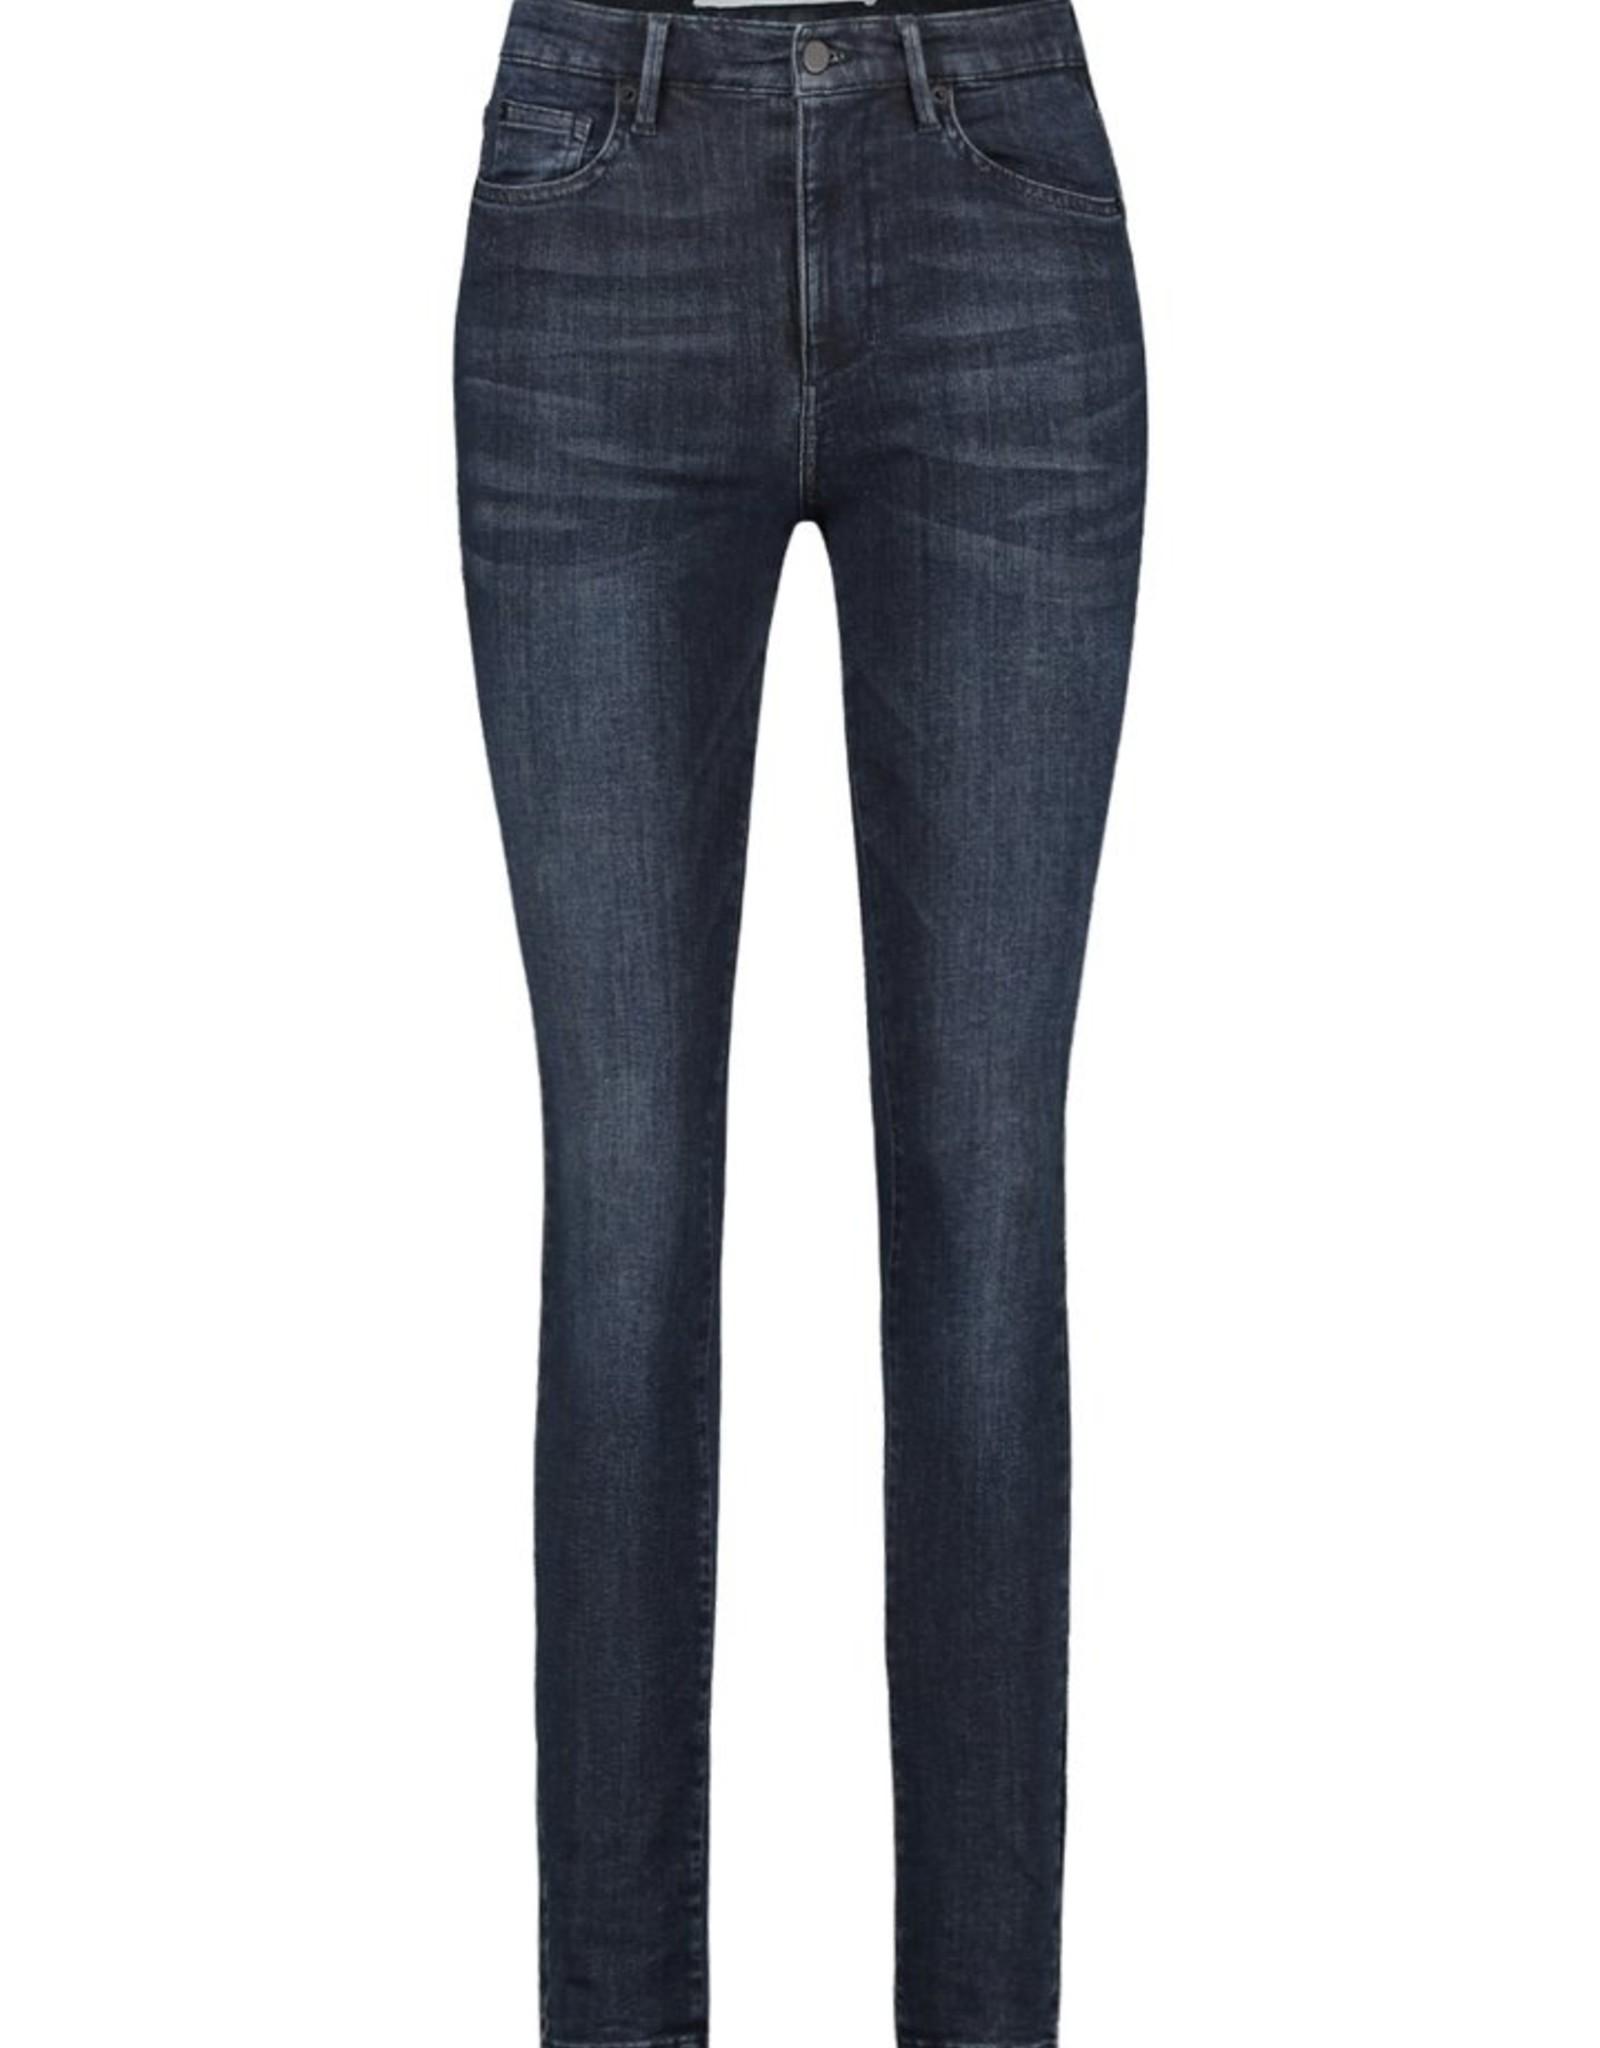 Homage Homage Skinny Jeans Dark Blue